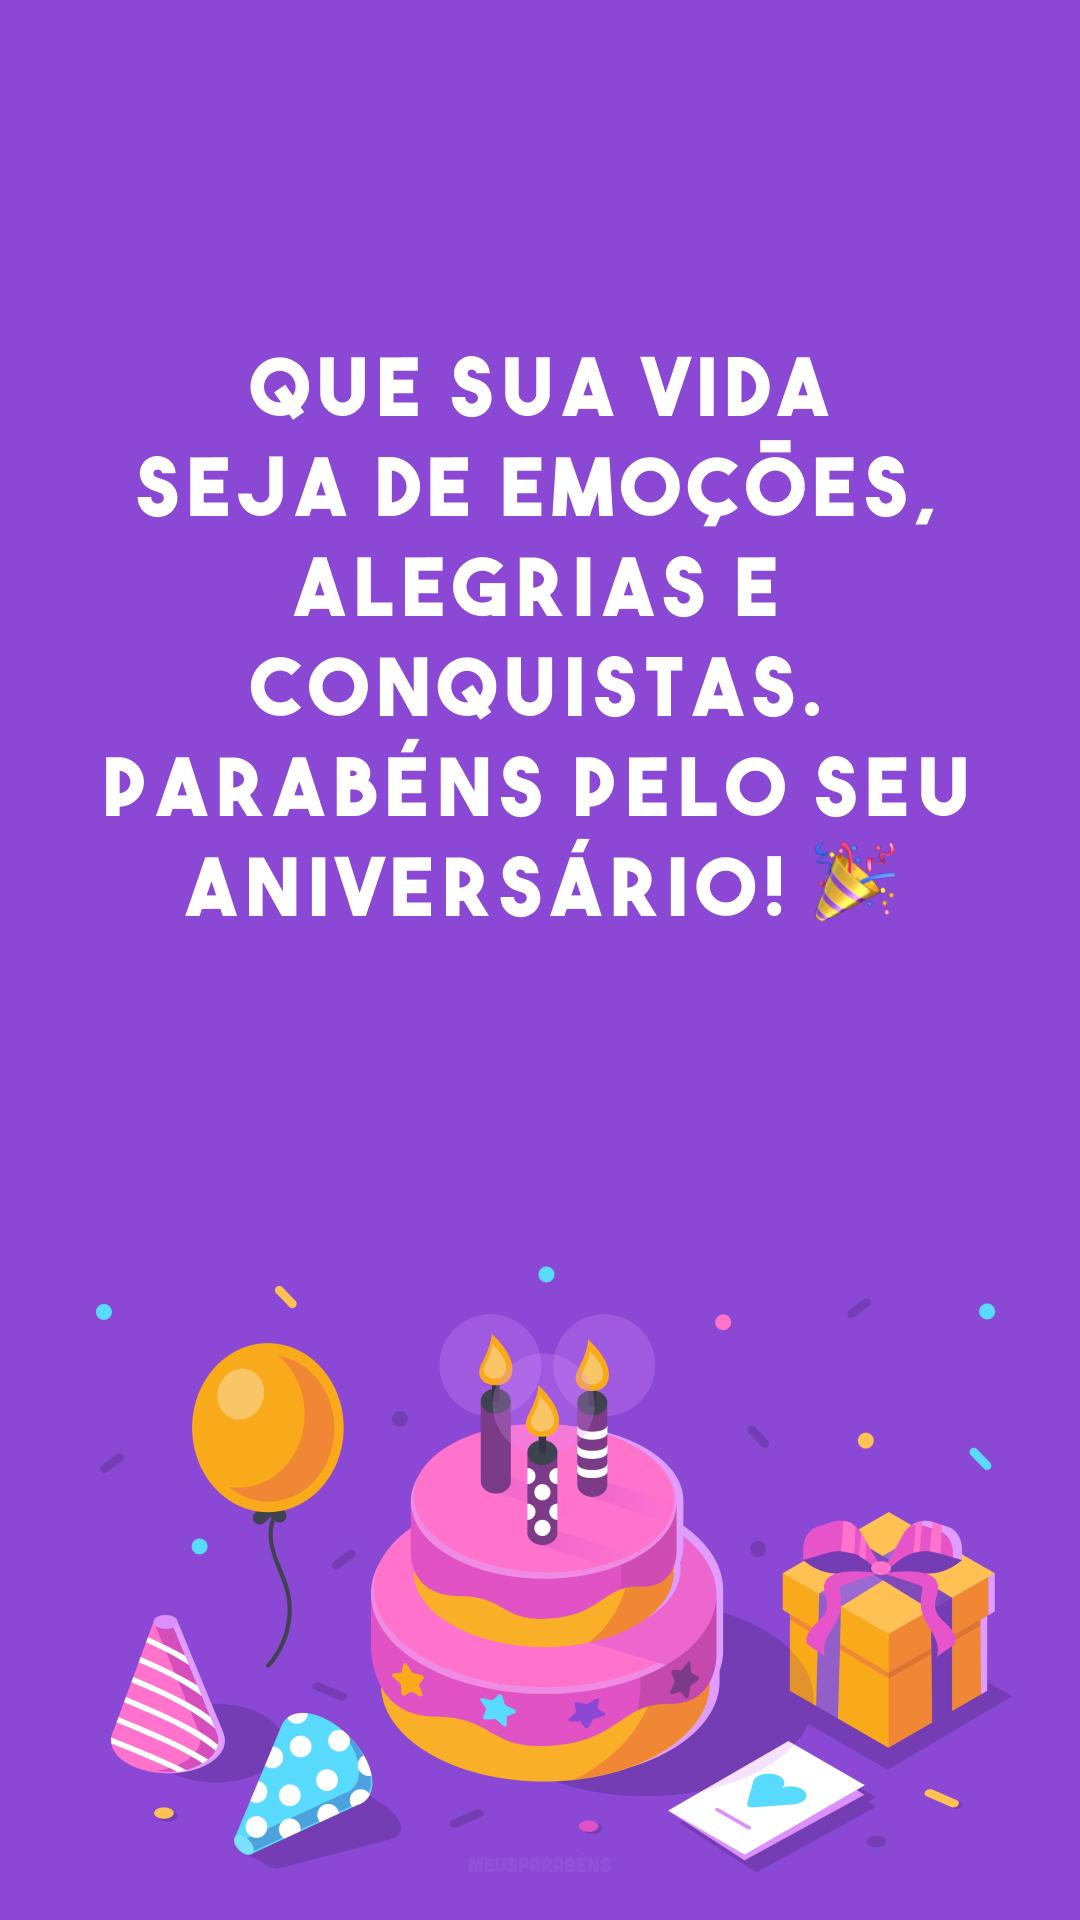 Que sua vida seja de emoções, alegrias e conquistas. Parabéns pelo seu aniversário! ?